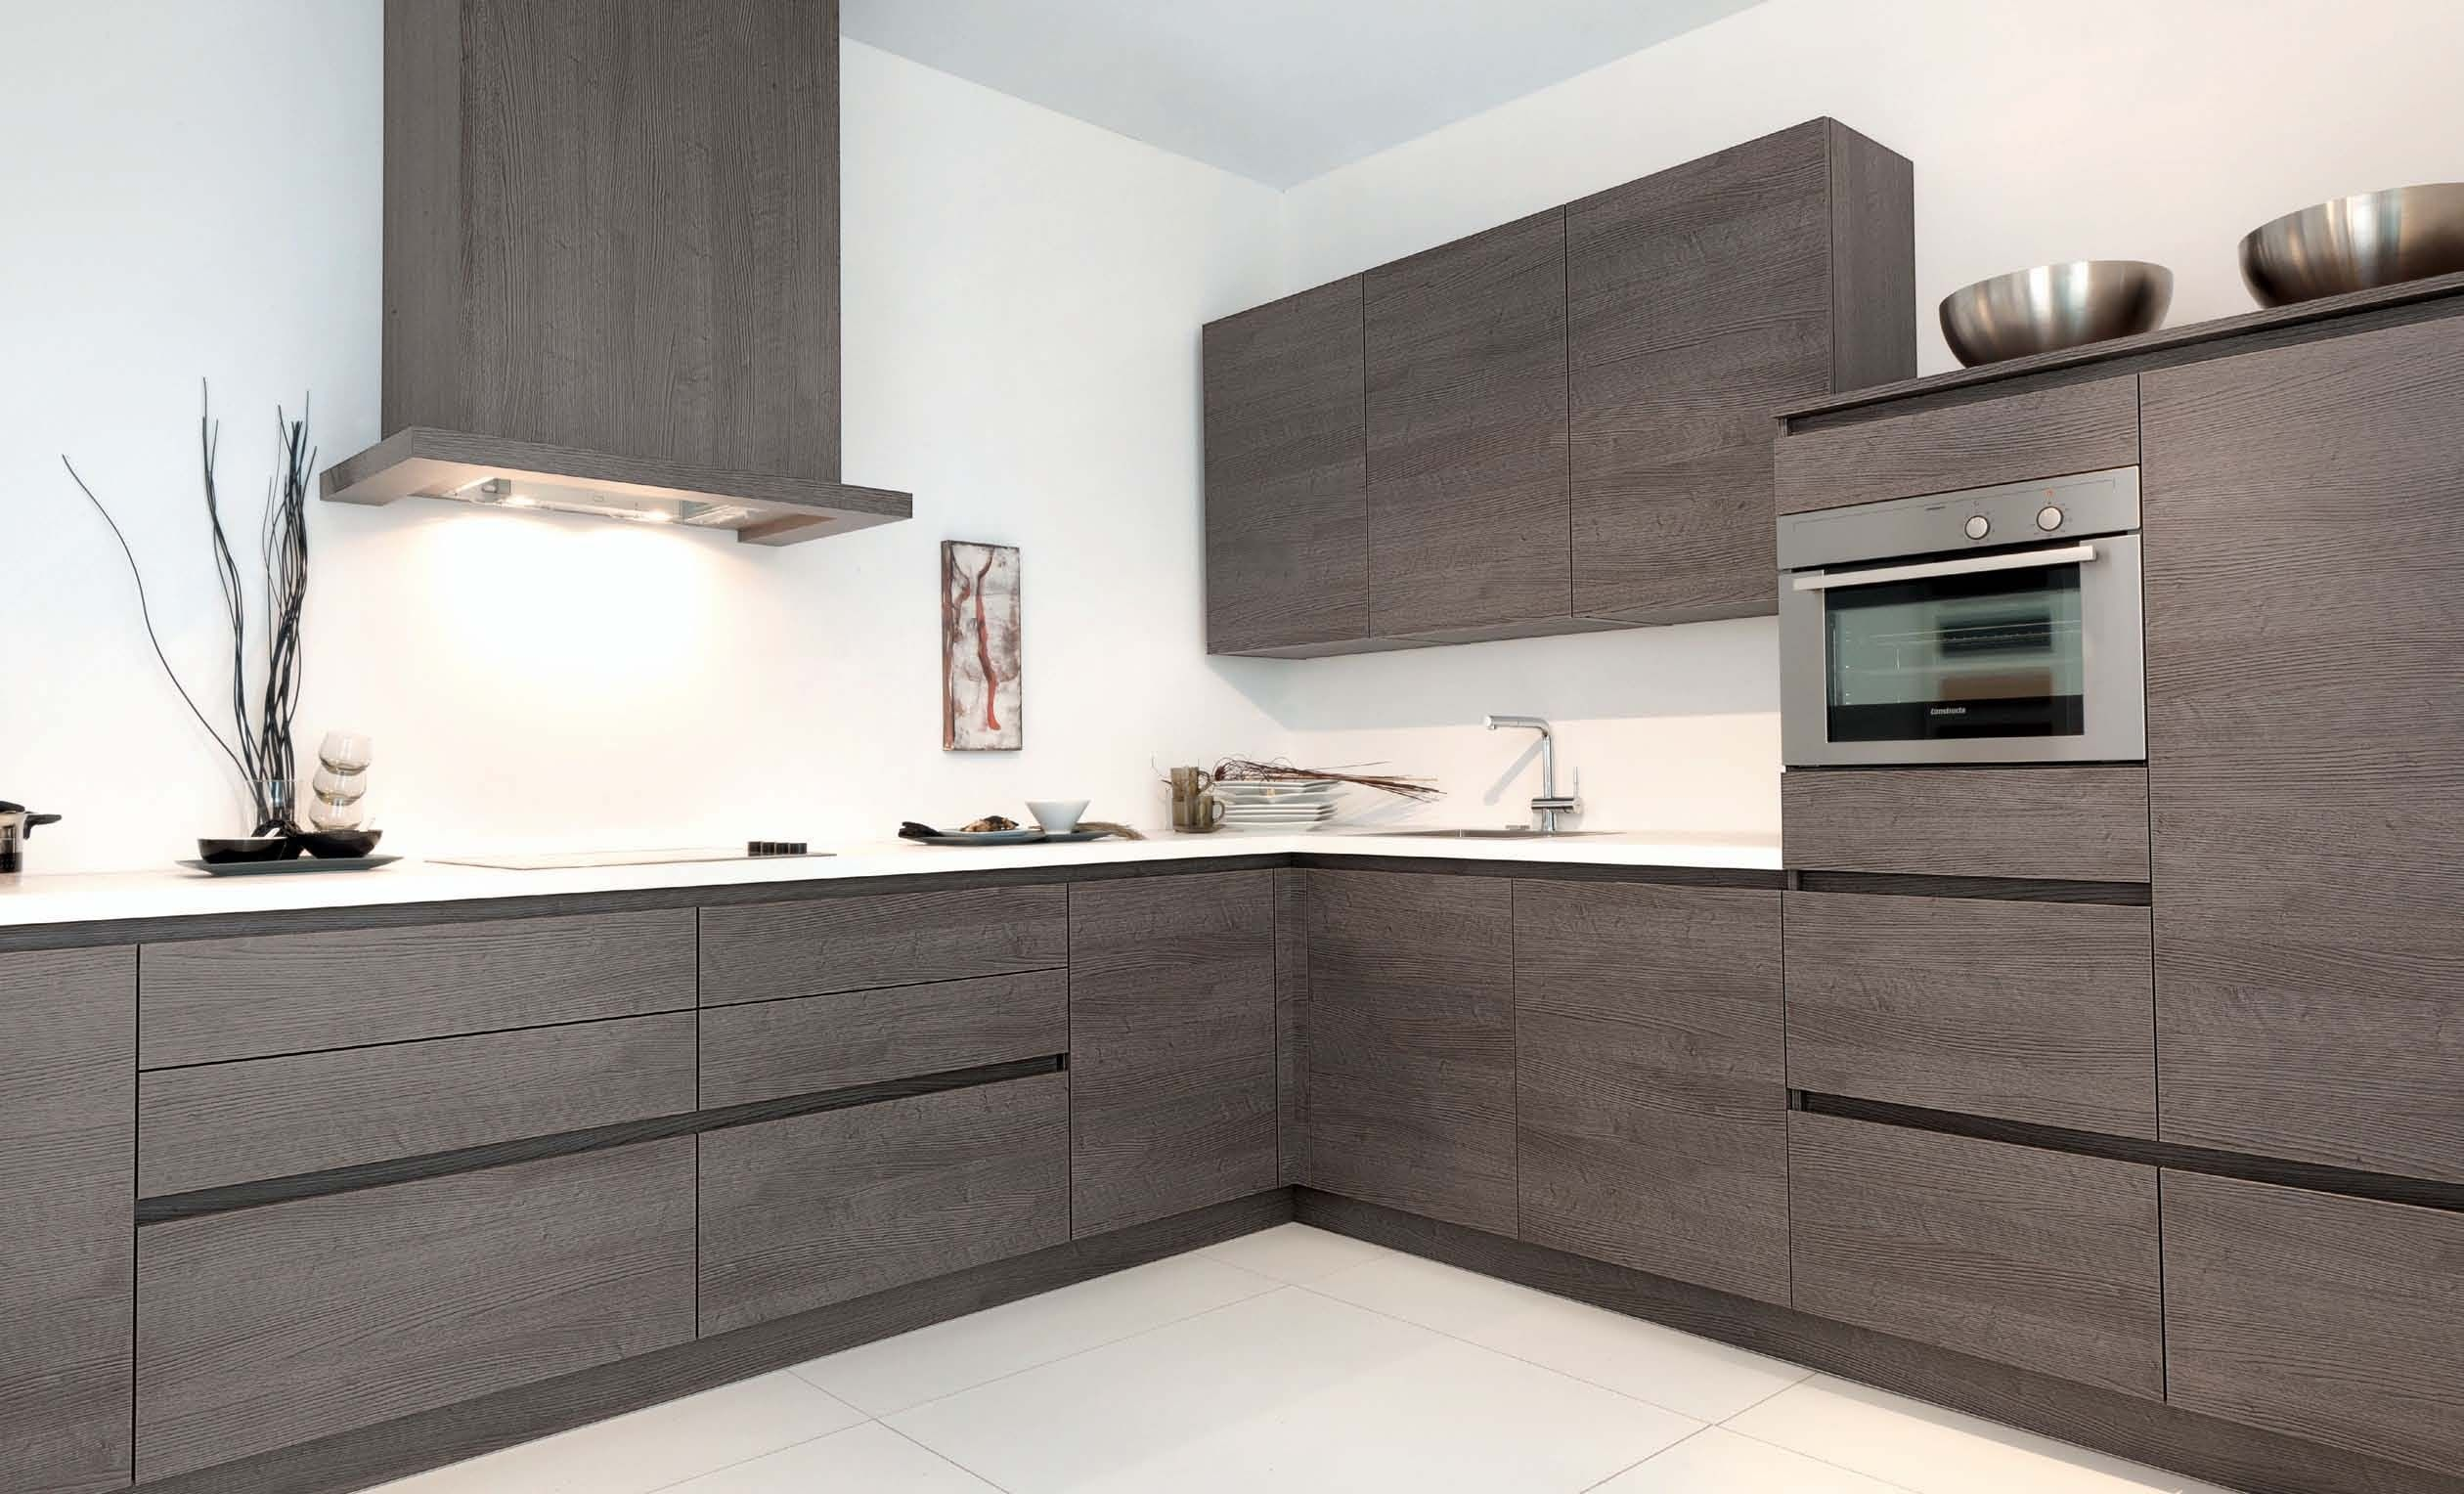 küchen restposten - jalousien 2017 - Küche Restposten